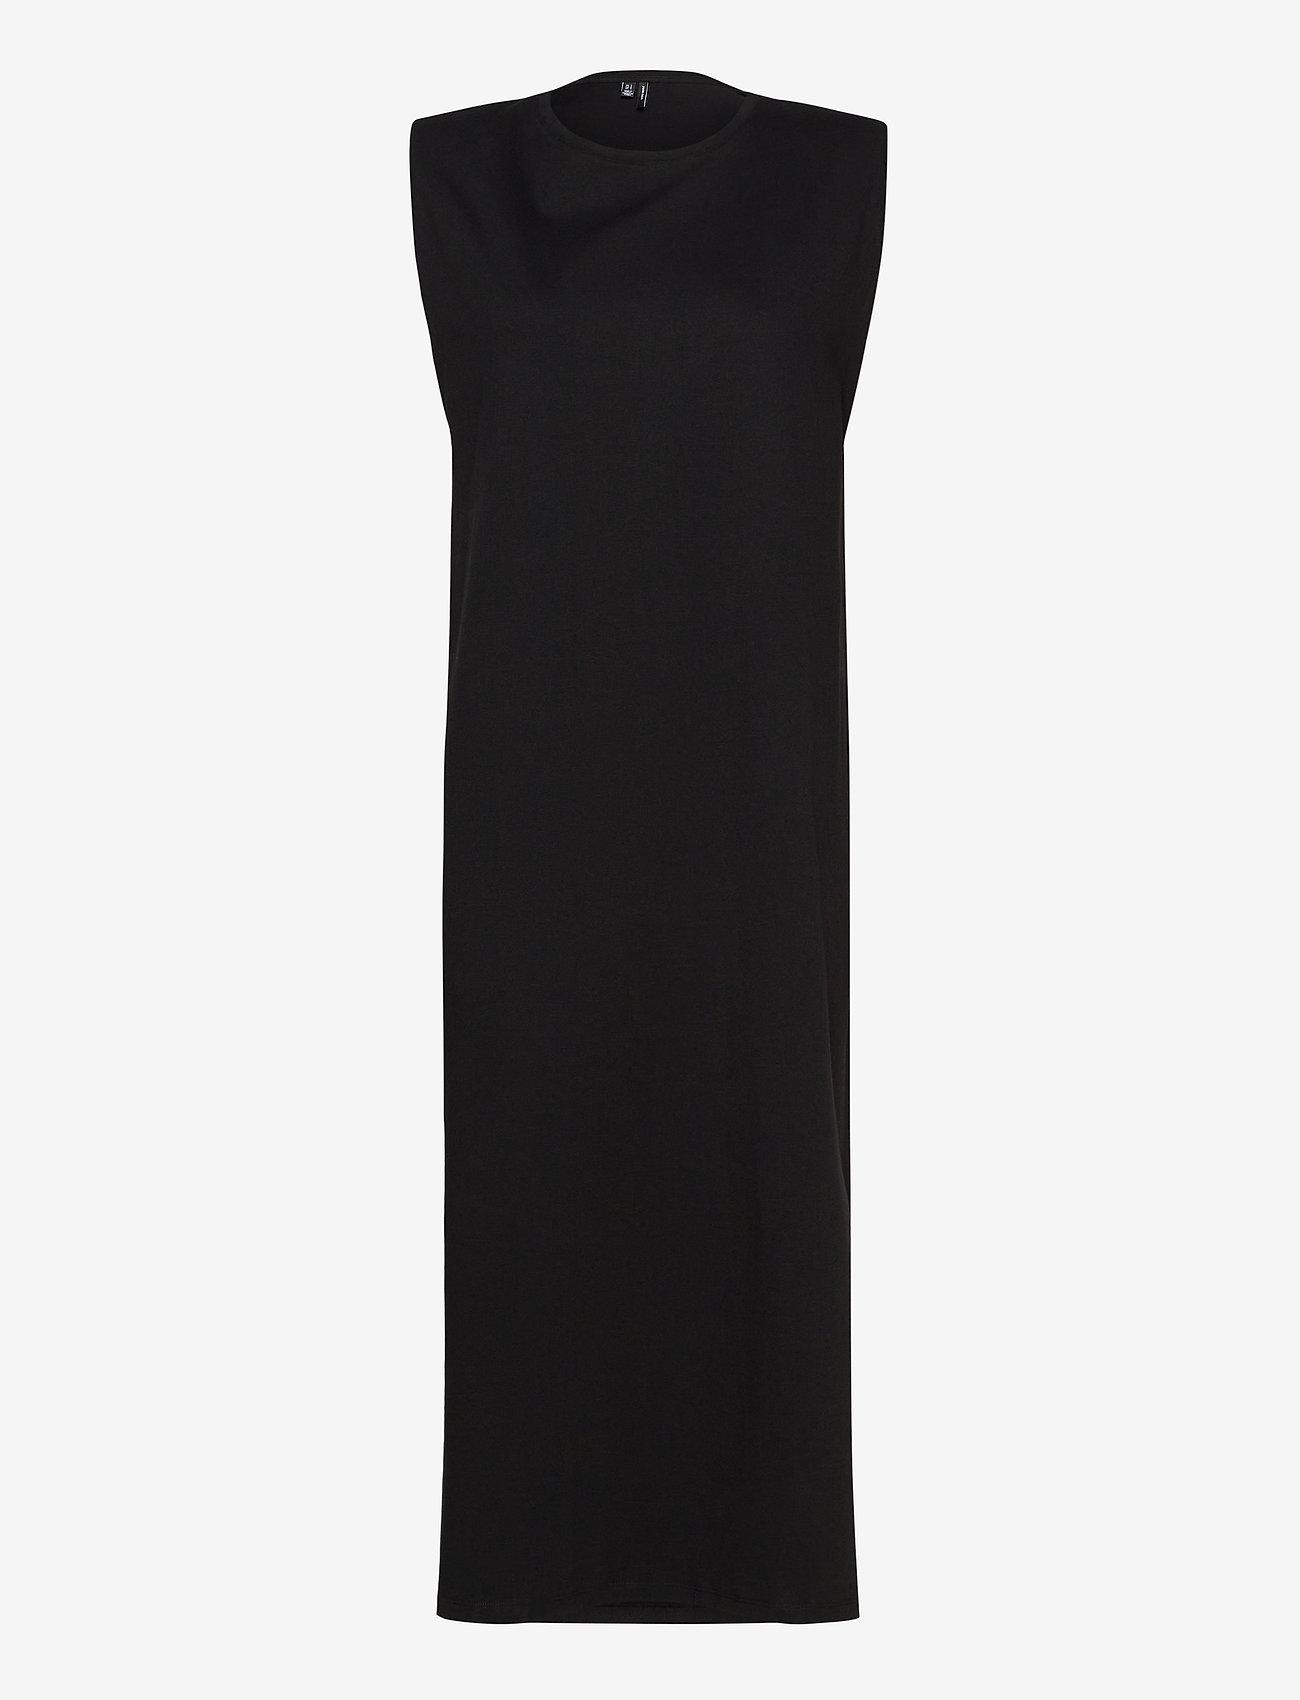 Vero Moda - VMEDEN S/L CALF DRESS SB8 - midiklänningar - black - 0